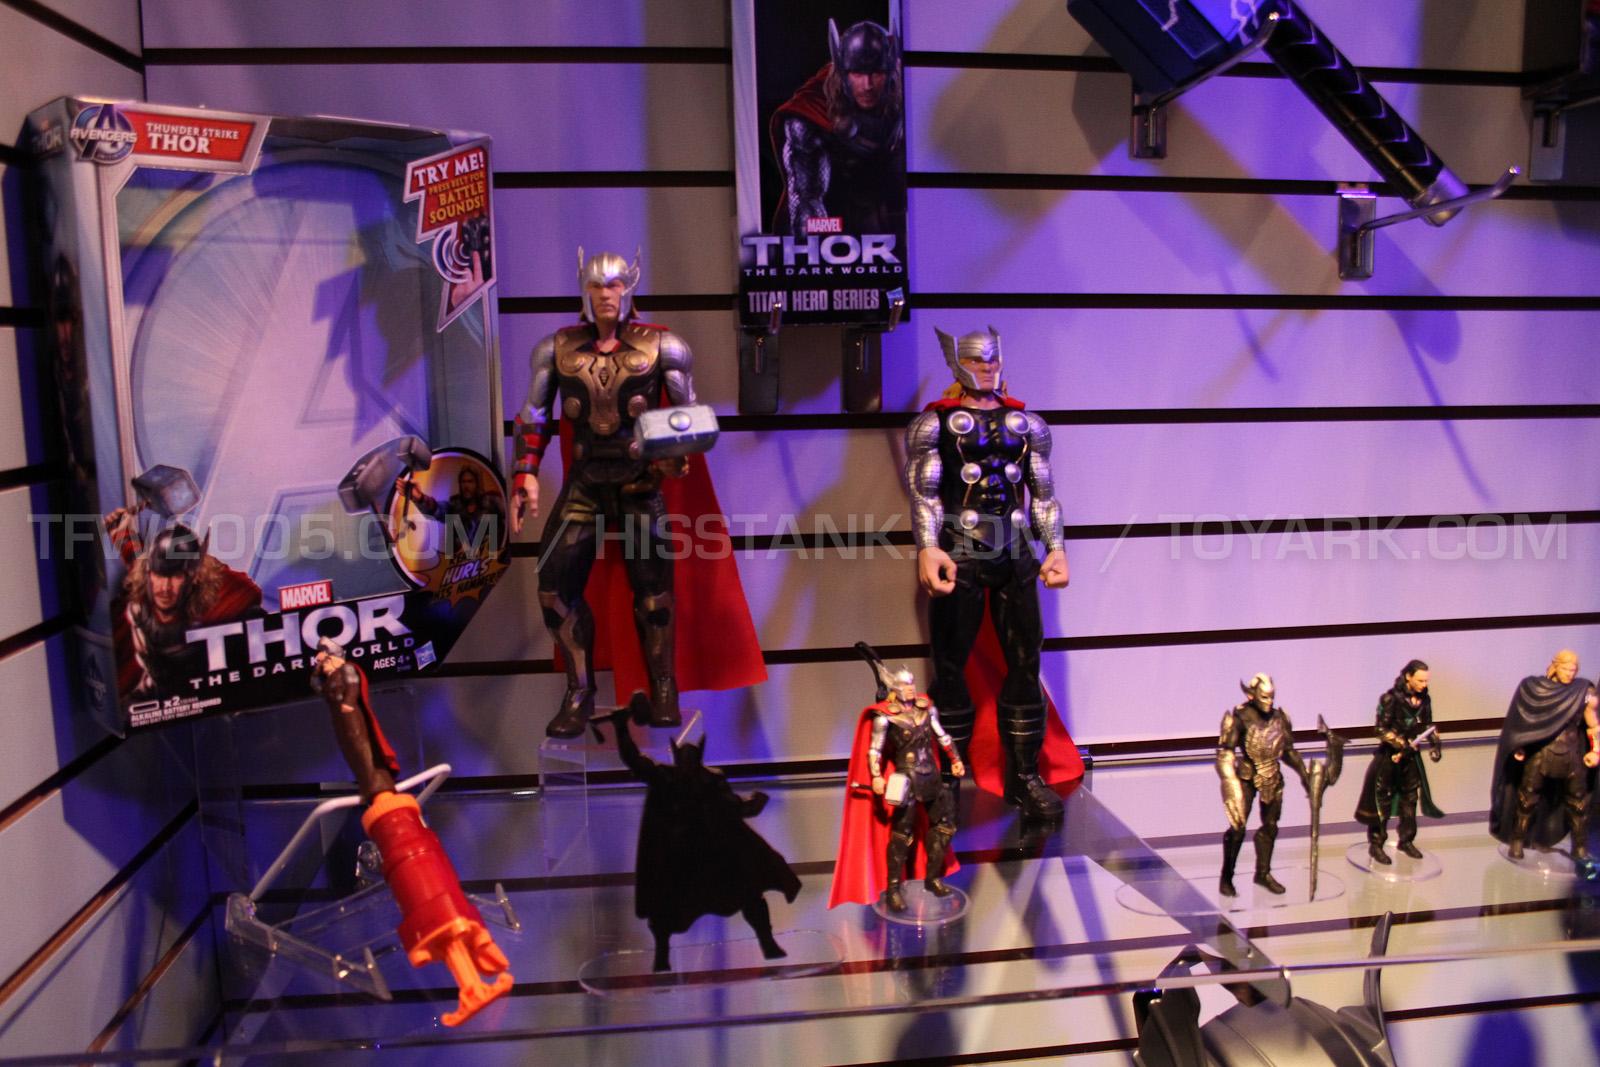 thor-dark-world-jouet-gamme